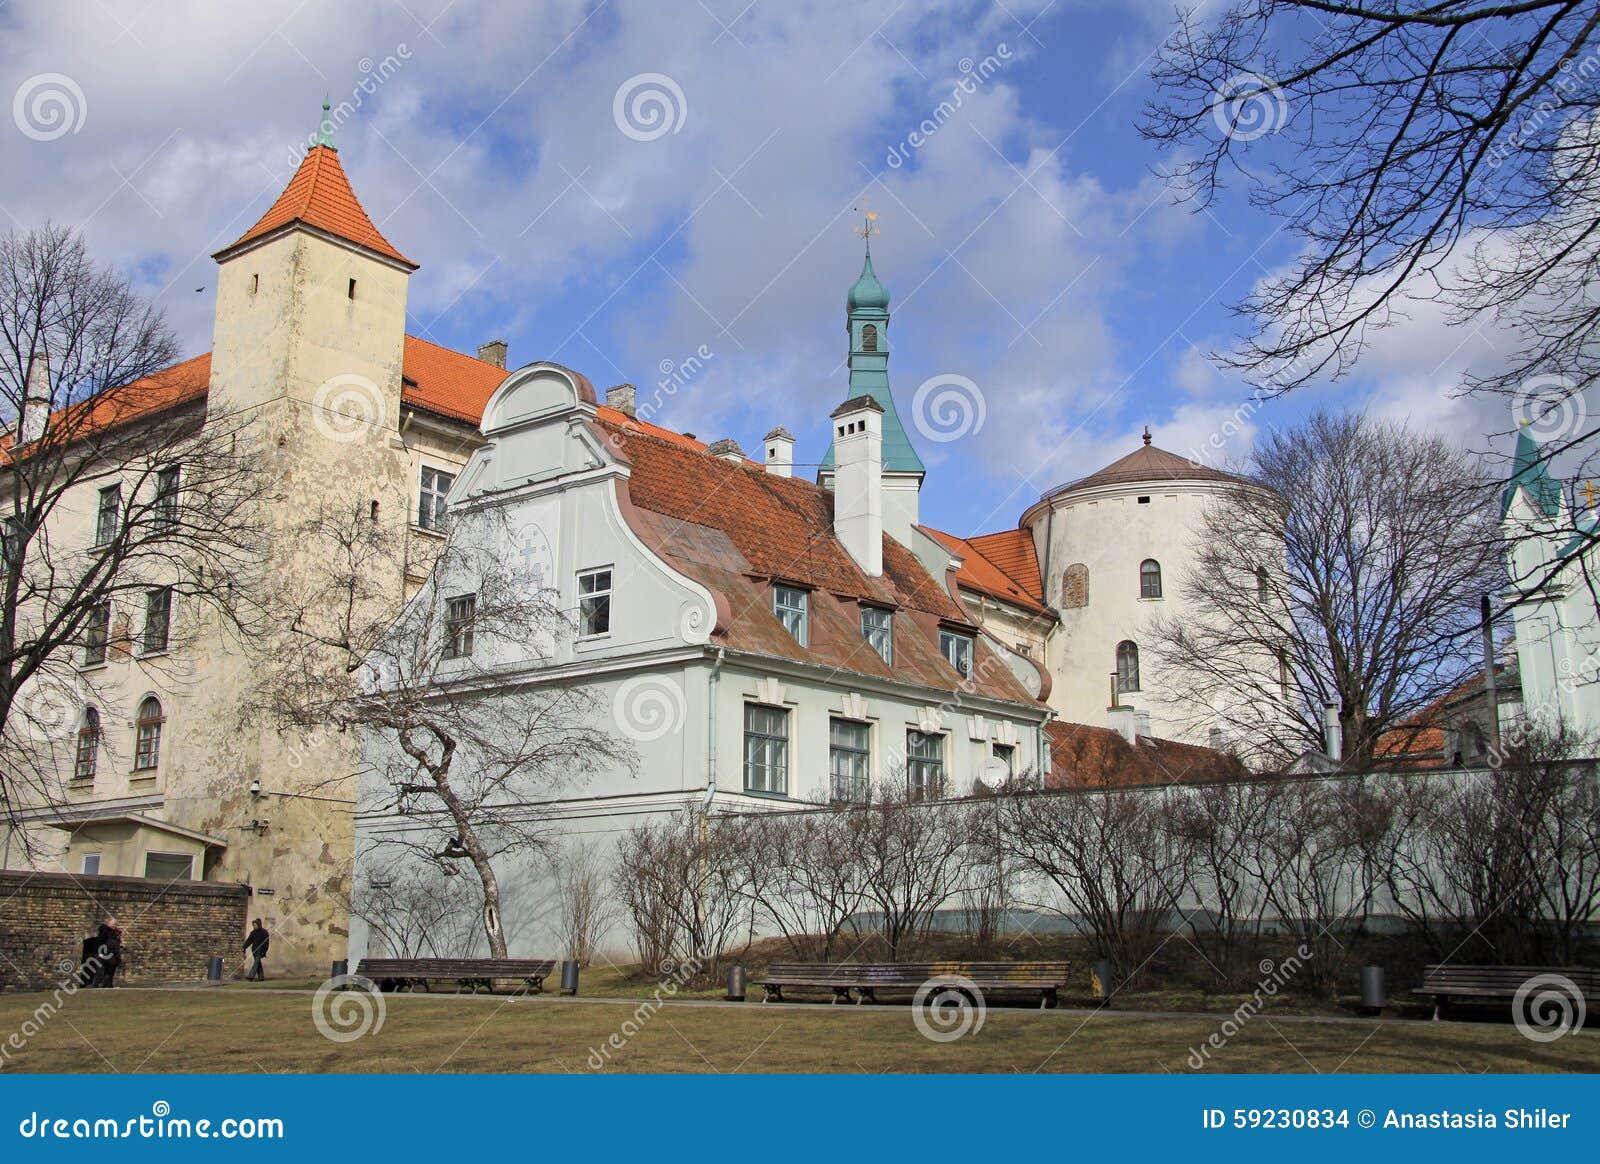 Mening van het kasteel van Riga Het kasteel is een woonplaats voor een president van Letland (Oude Stad, Riga, Letland)